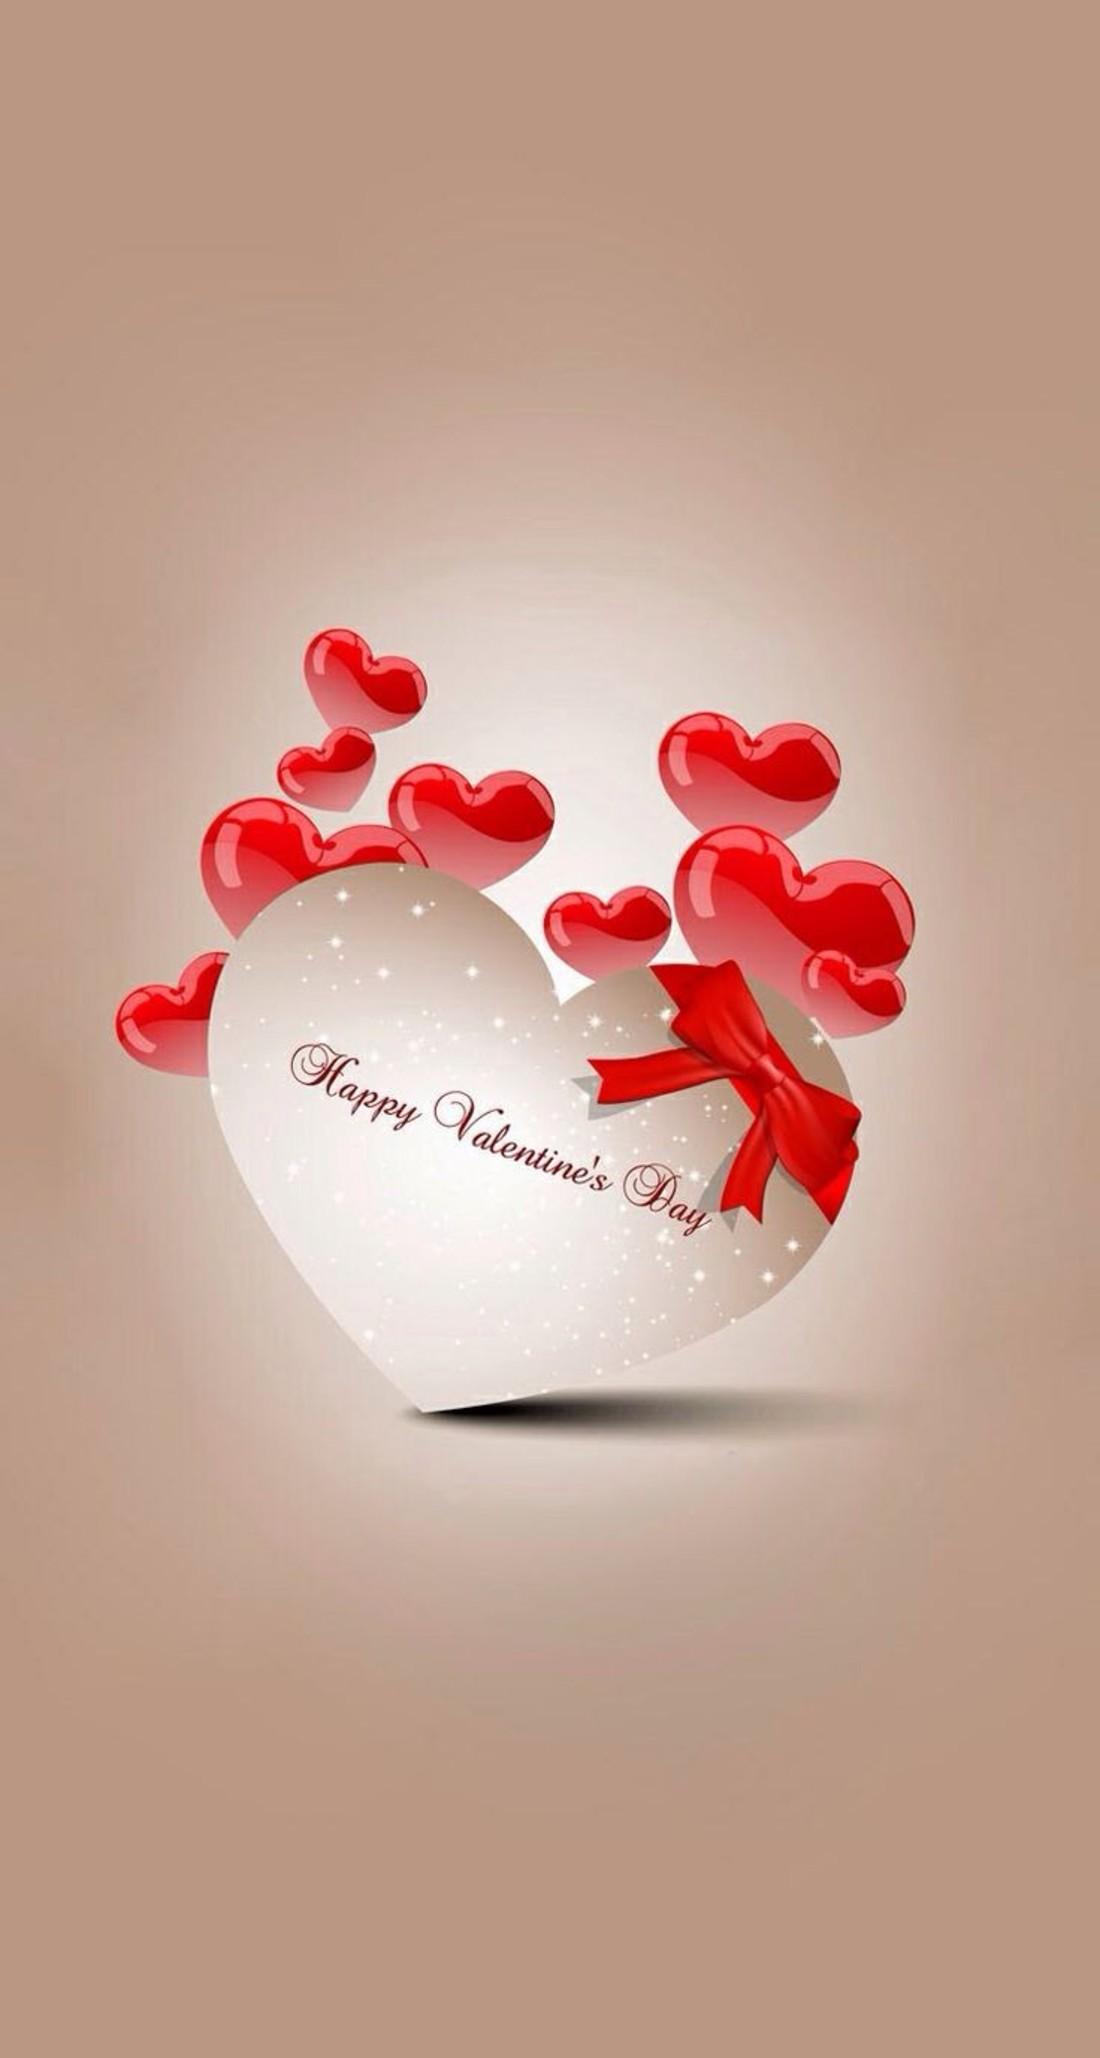 immagini san valentino nuove (8)